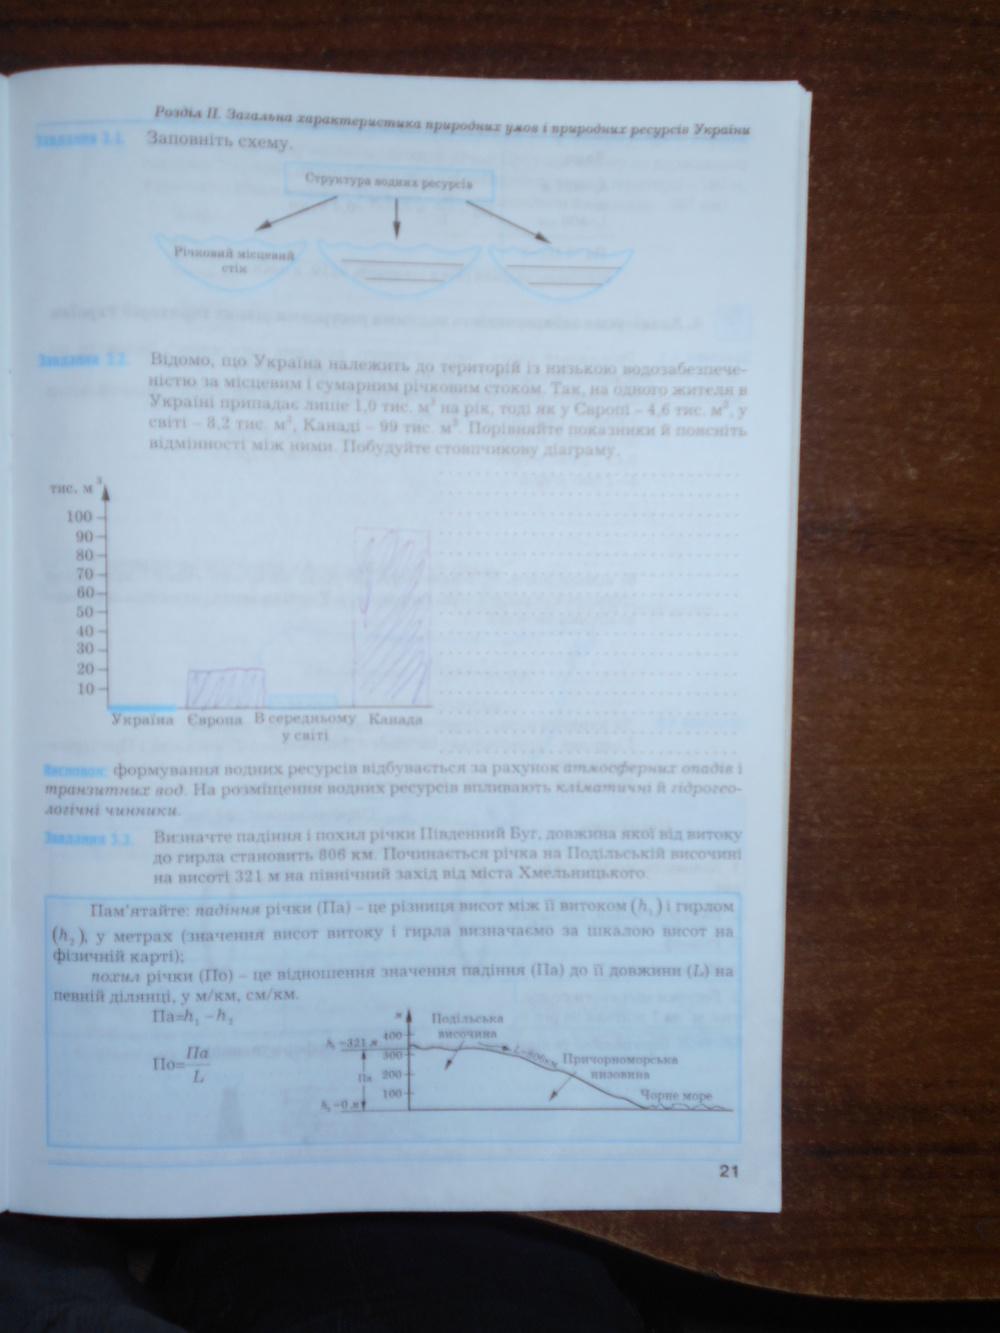 ГДЗ відповіді робочий зошит по географии 8 класс Думанська Г.В., Назаренко Т.Г.. Задание: стр. 21